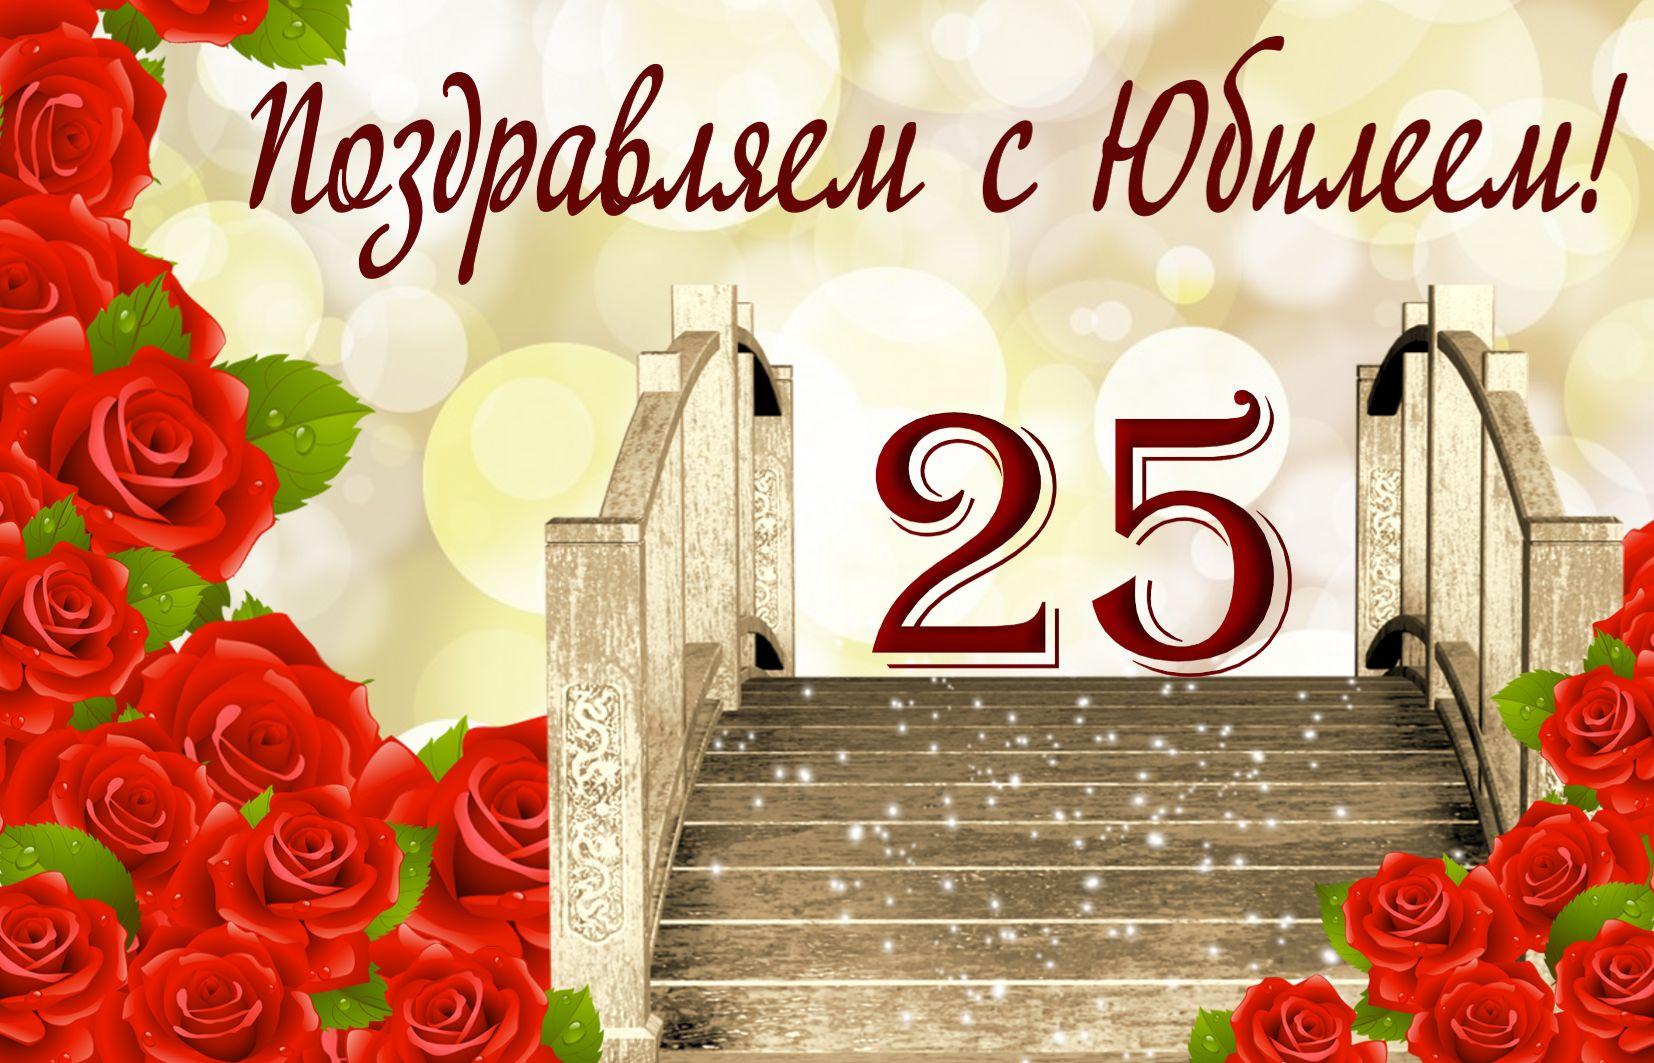 Поздравление с юбилеем 25 лет с розами